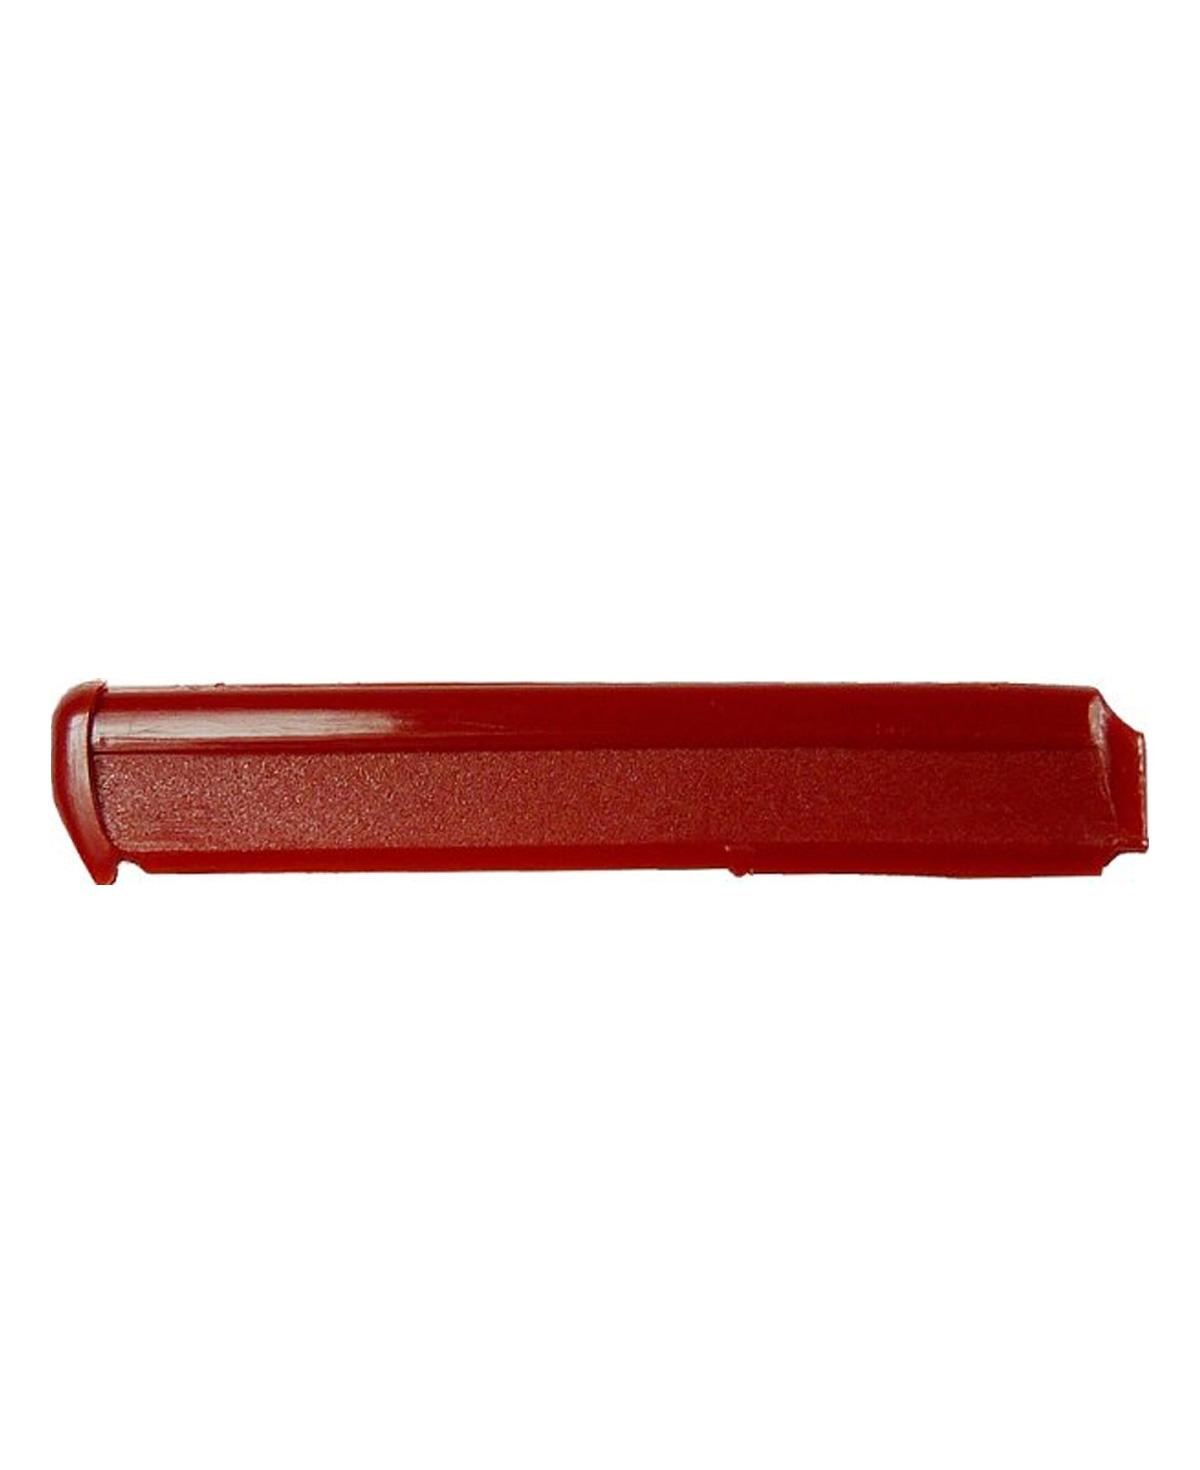 Tondeo Siftereinsatz rot (kurze Klingen)